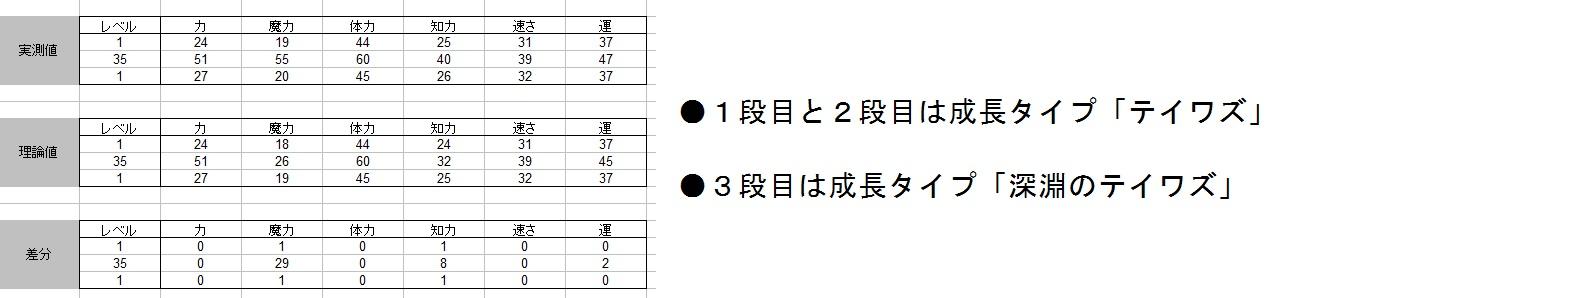 コダマステ比較2